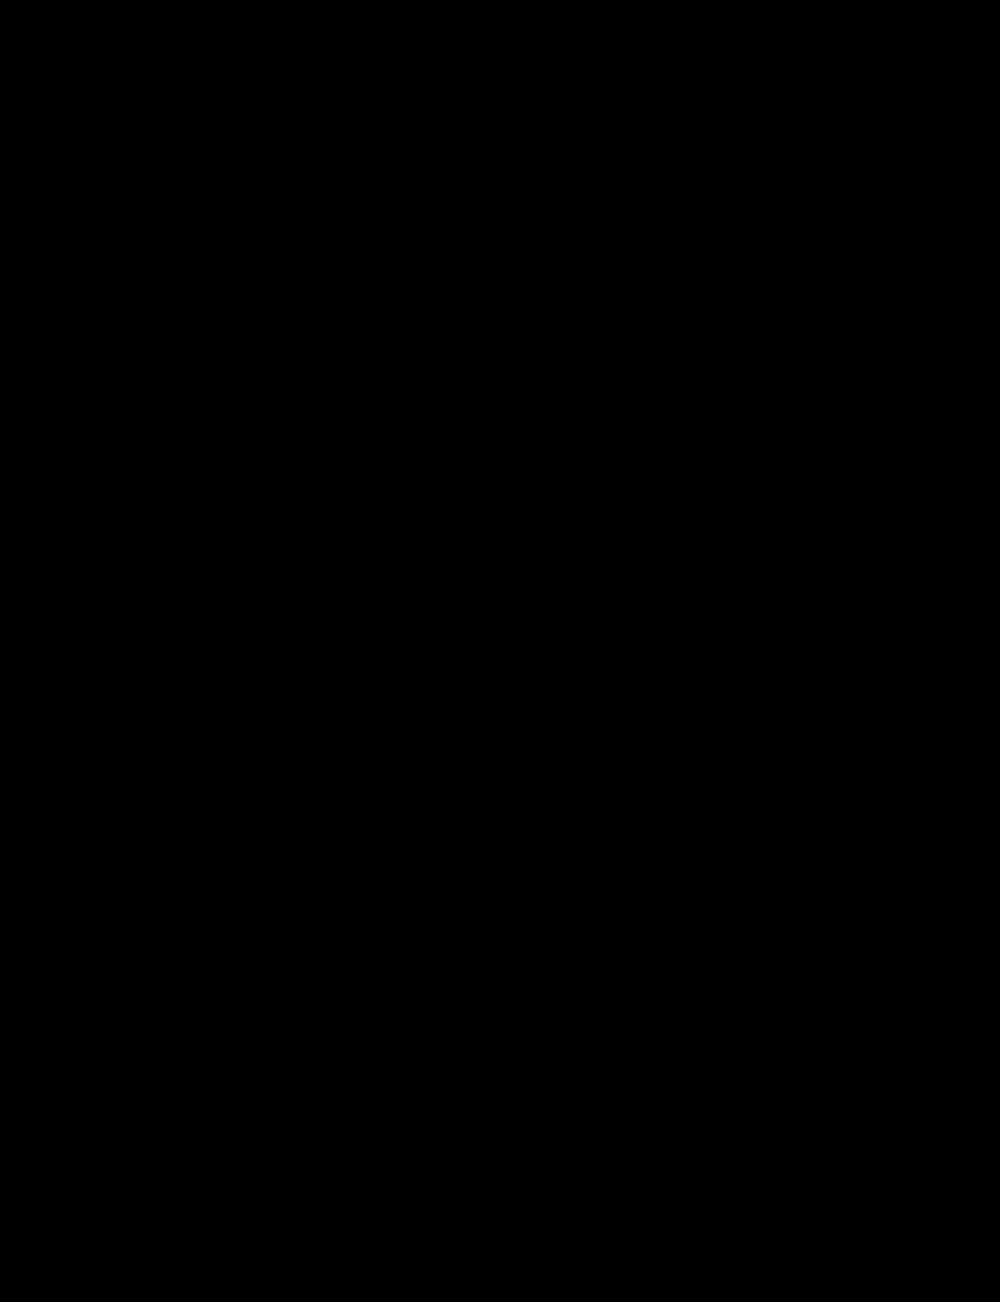 Défilé Louis Vuitton prêt-à-porter printemps-été 2016.